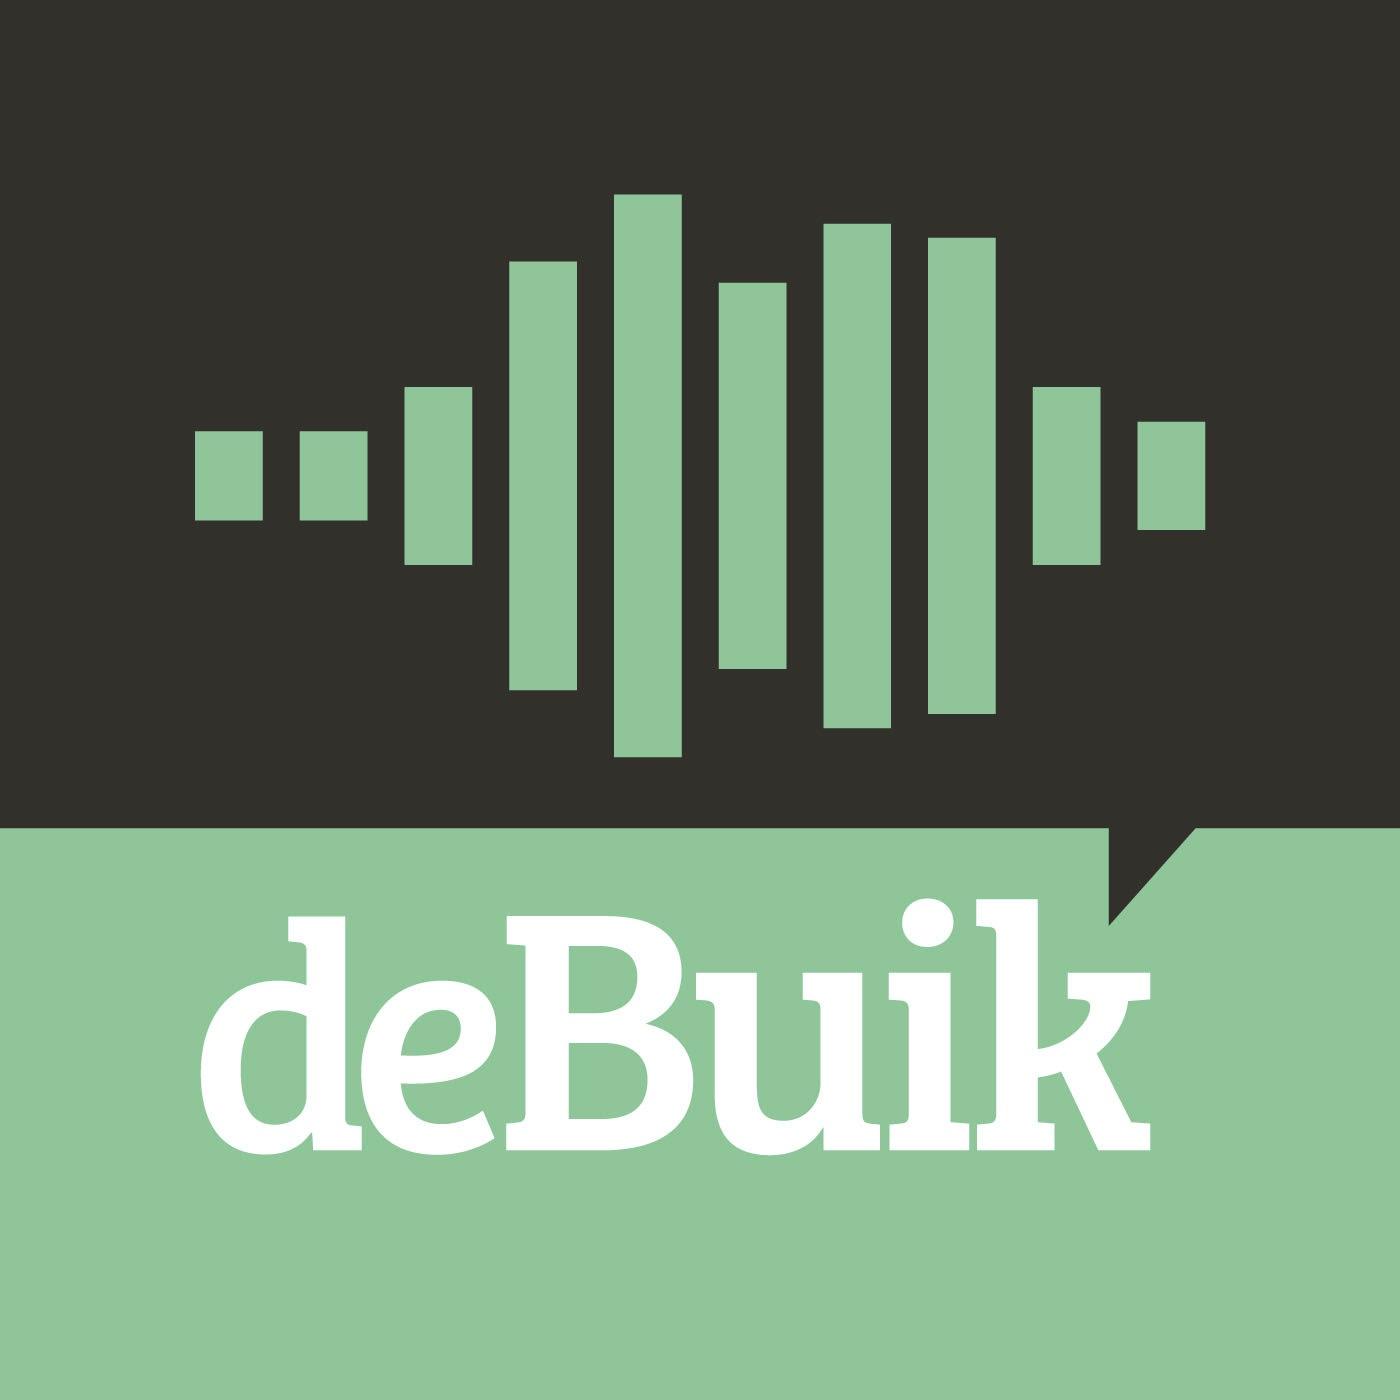 Uit eten met de Buik logo